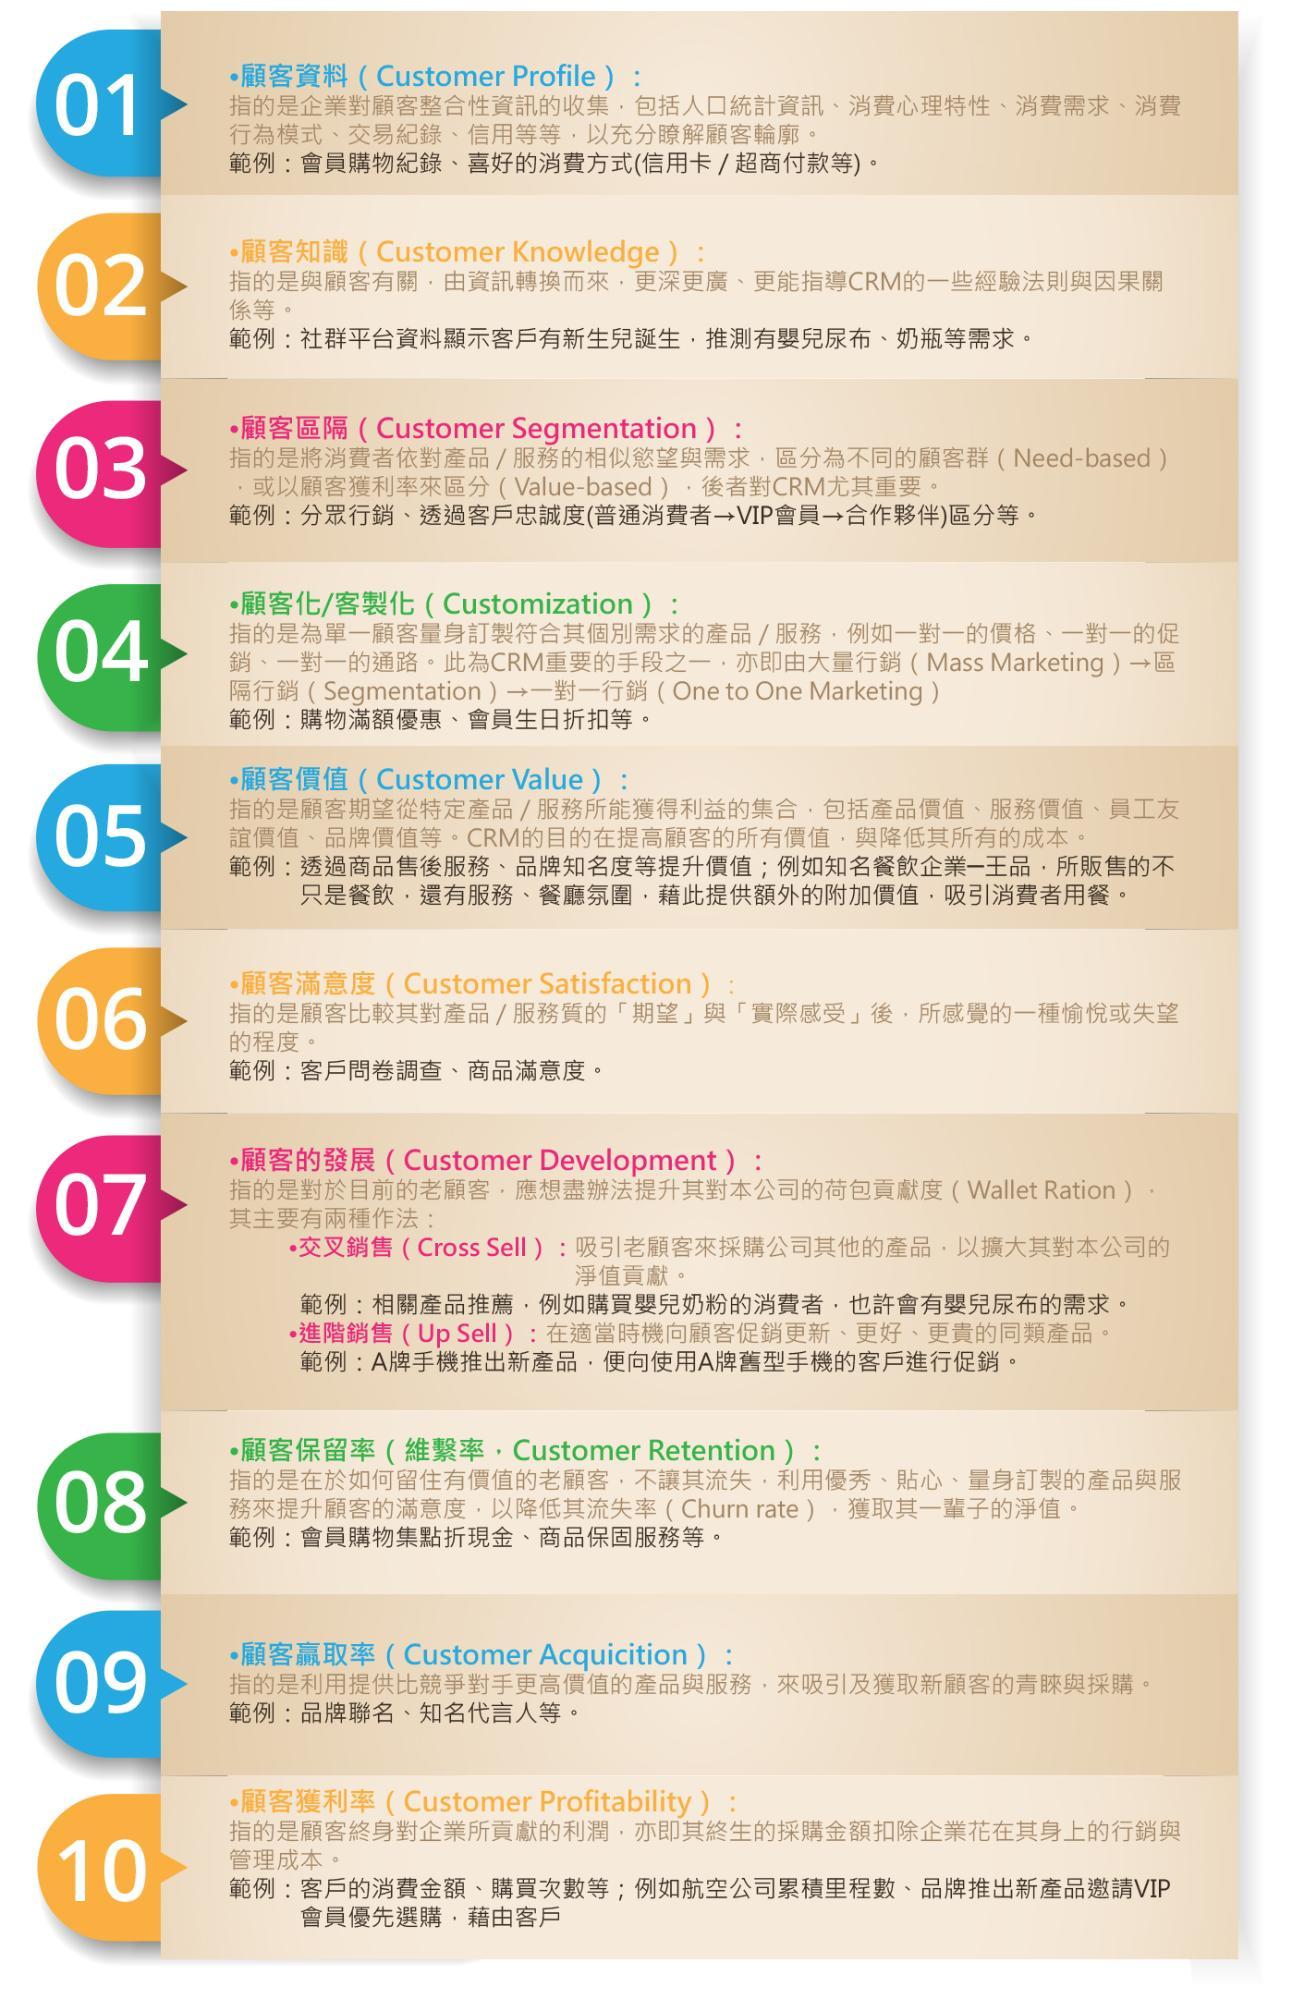 10C架構分析